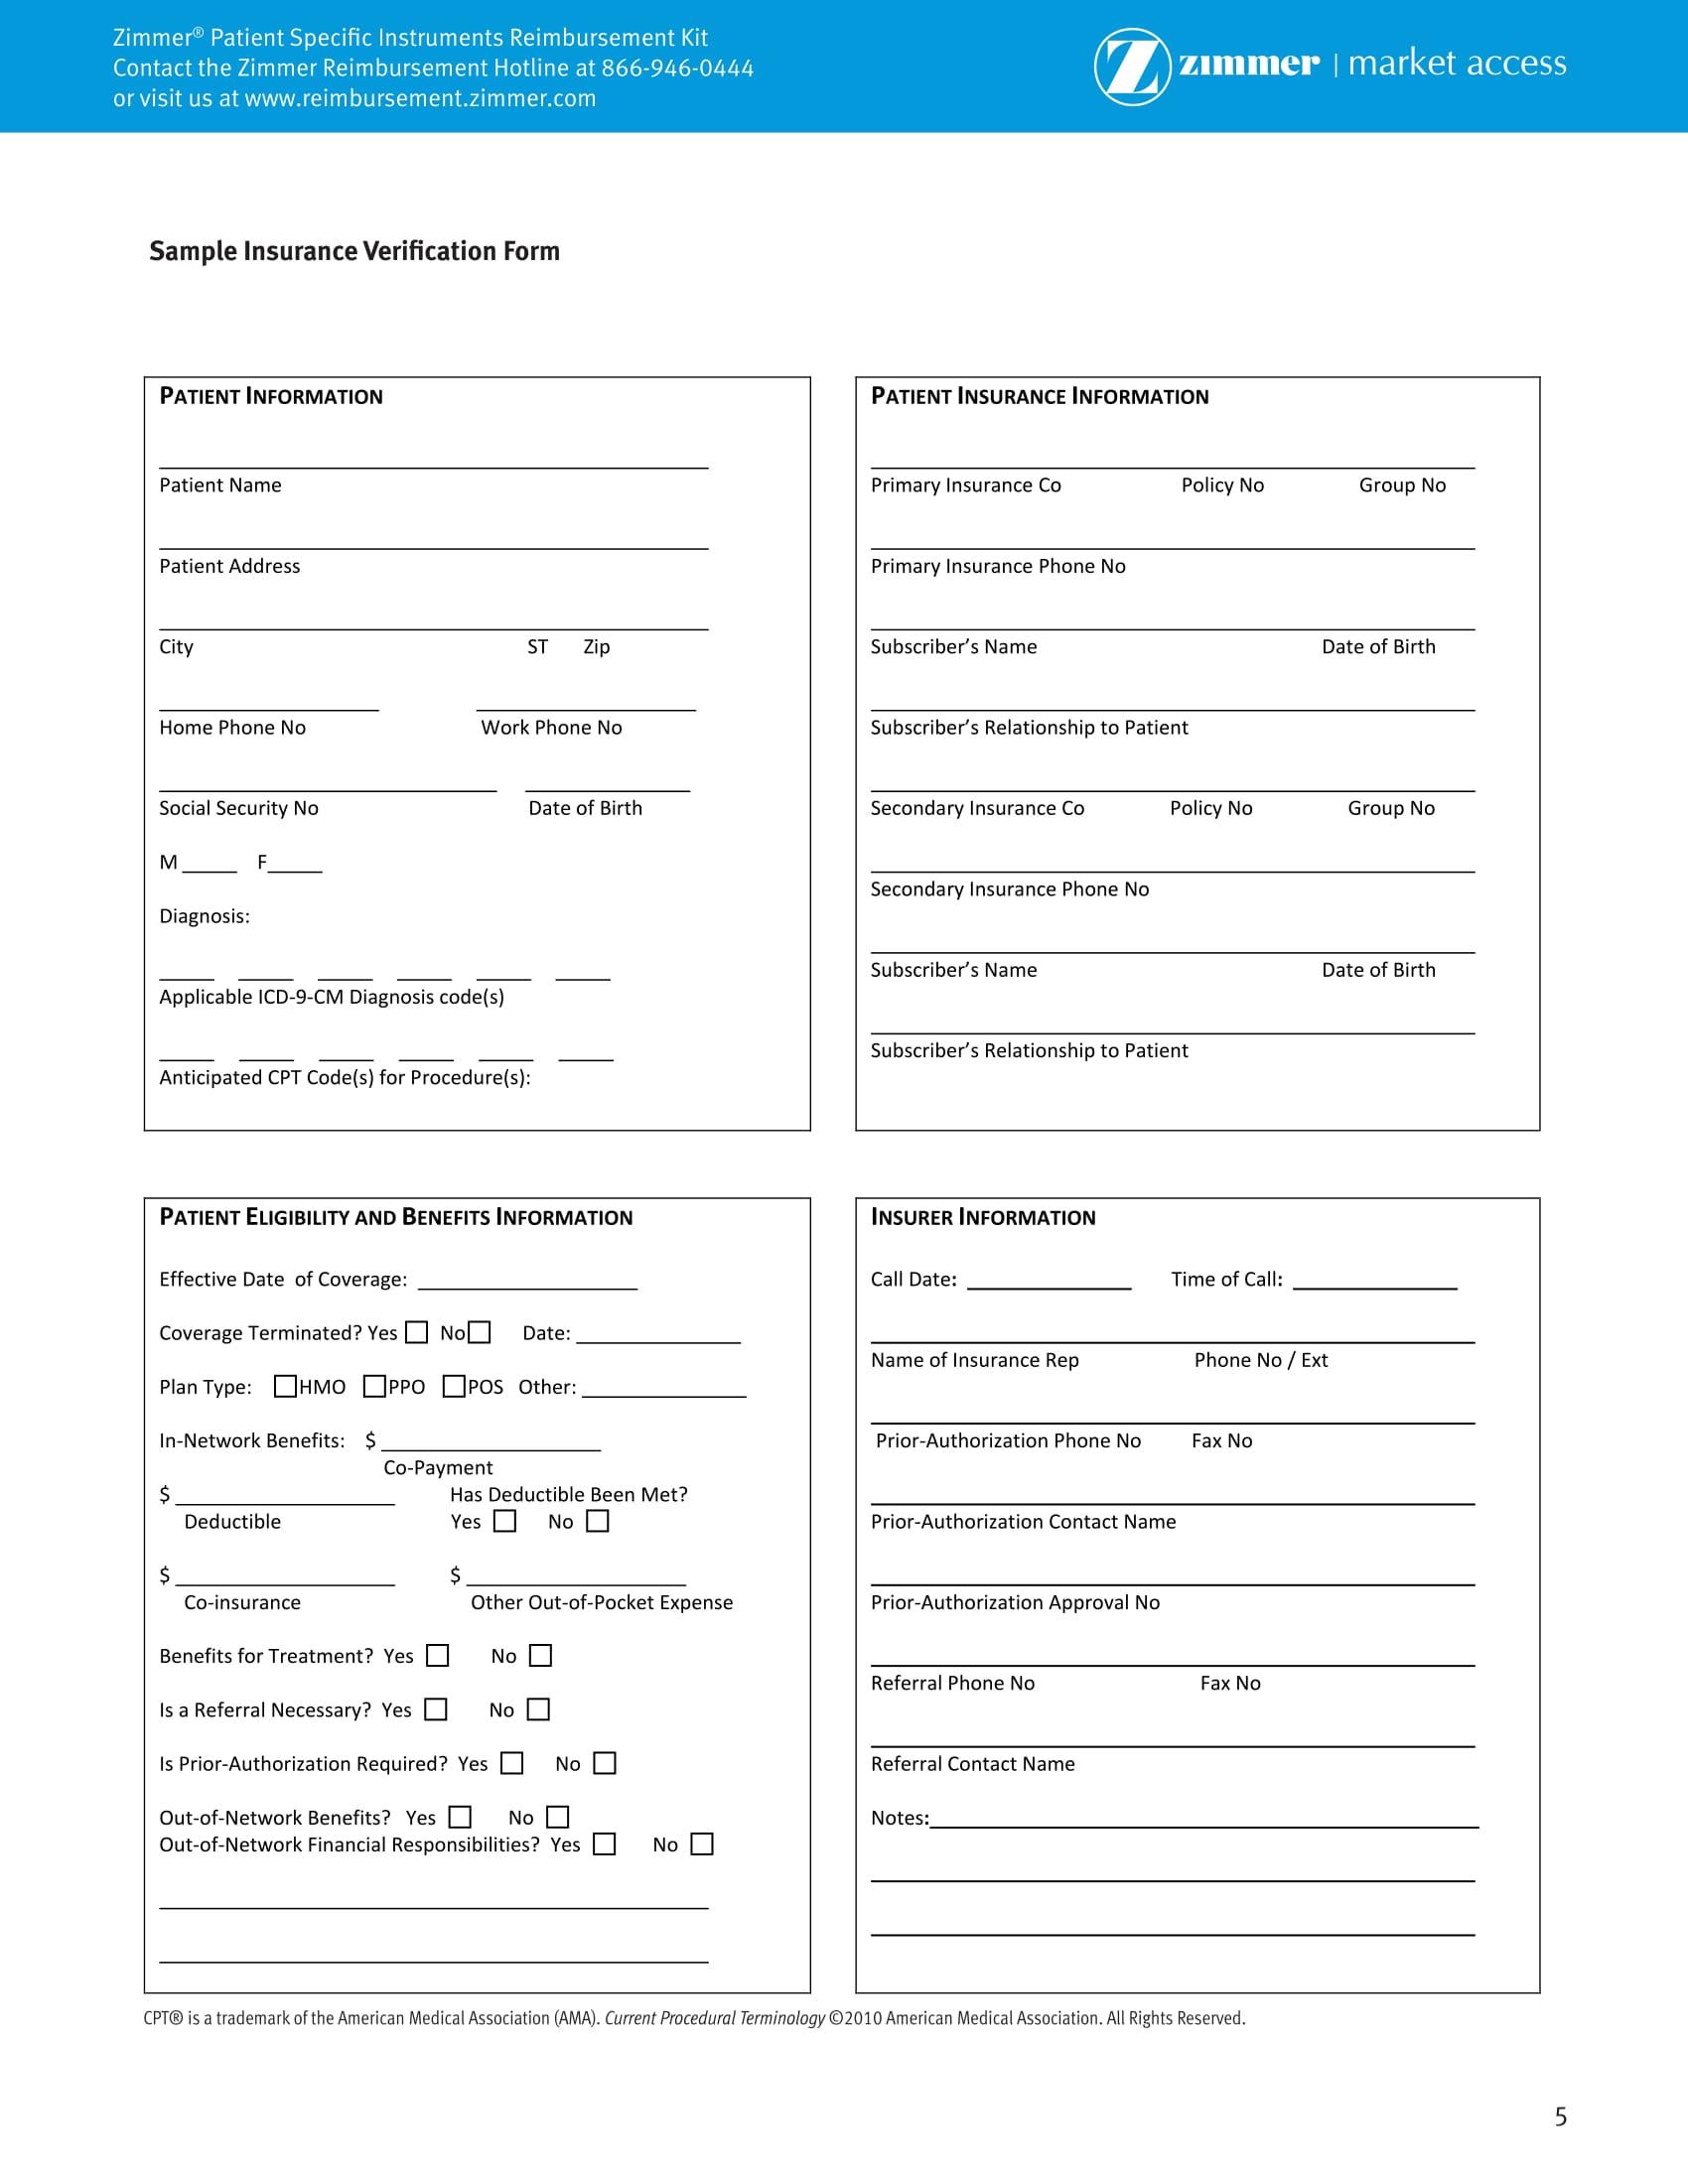 patient insurance verification form 1